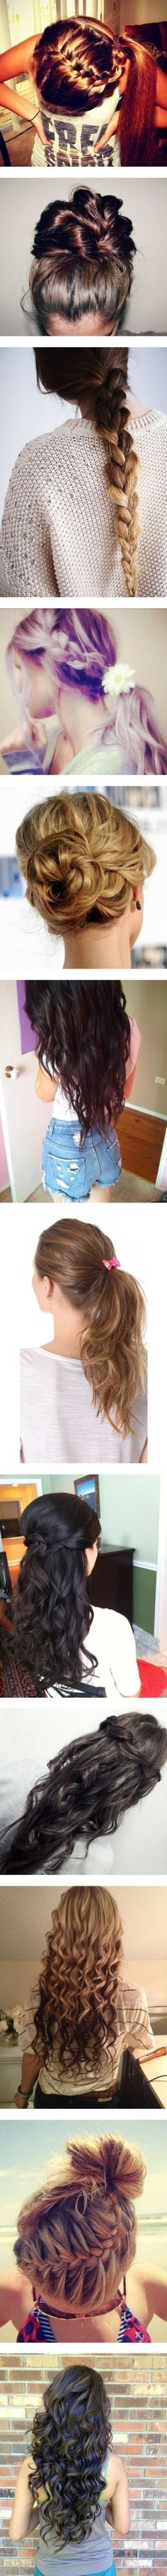 Cute hairstyles... SO CUTE!